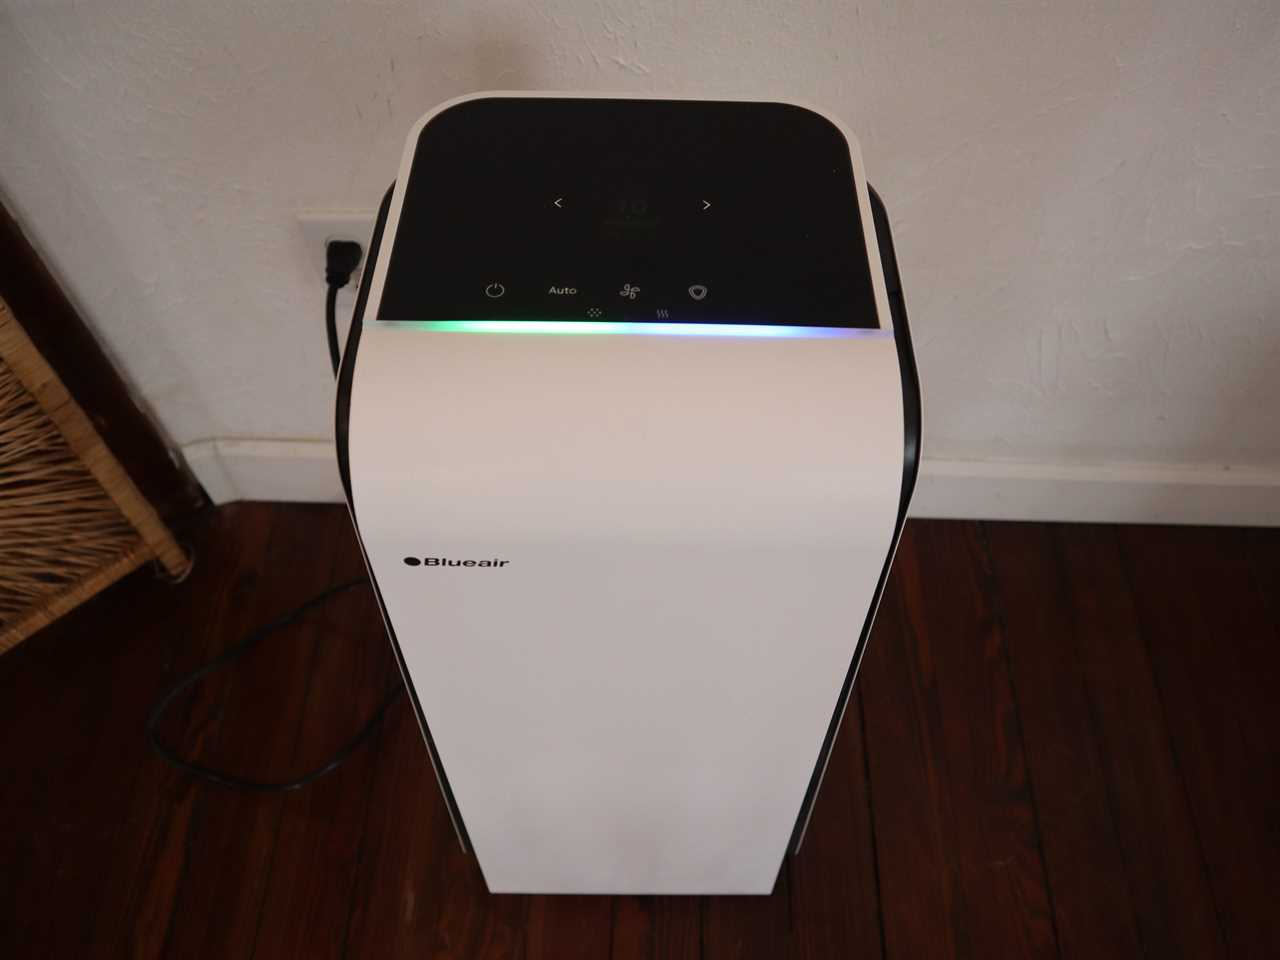 best smart air purifier 2021 Blueair HealthProtect 7470i